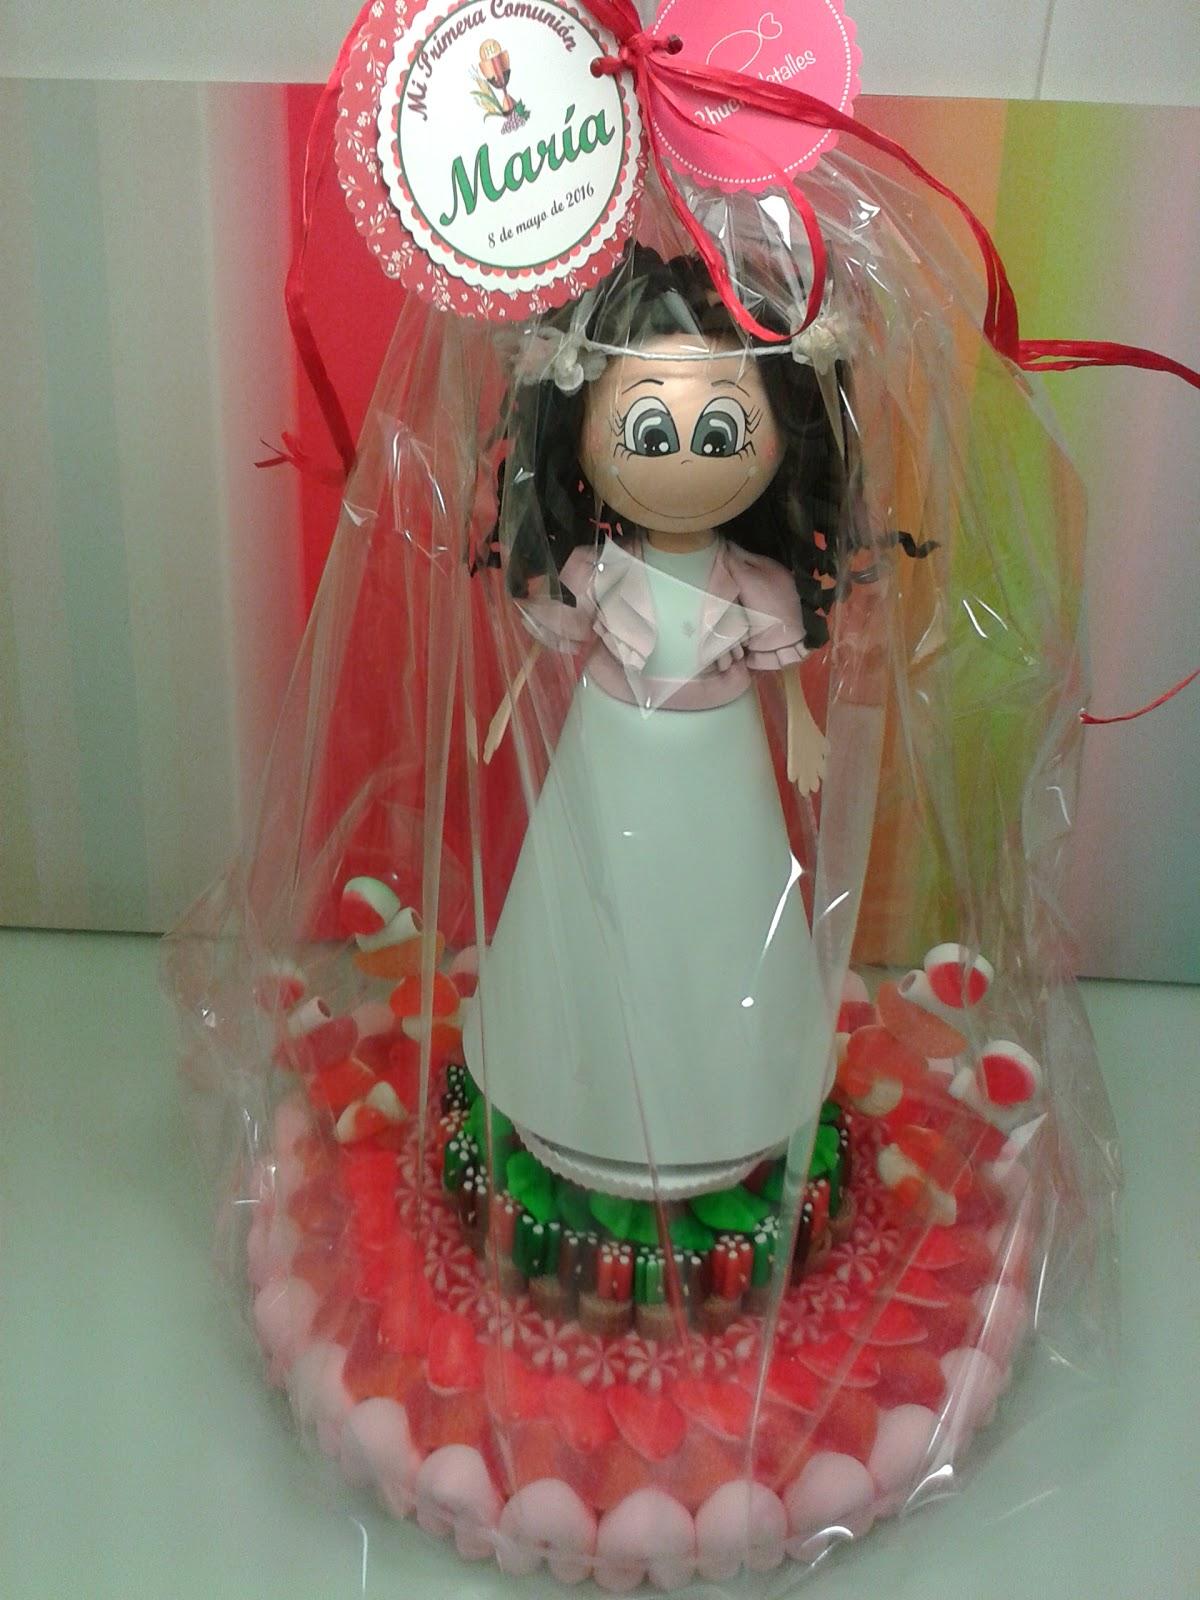 6ba1ba4da0d Nos encargaron una tarta especial para la Primera Comunión de María.  Querían una tarta de chuches con una muñeca fofucha personalizada para se  lo más ...